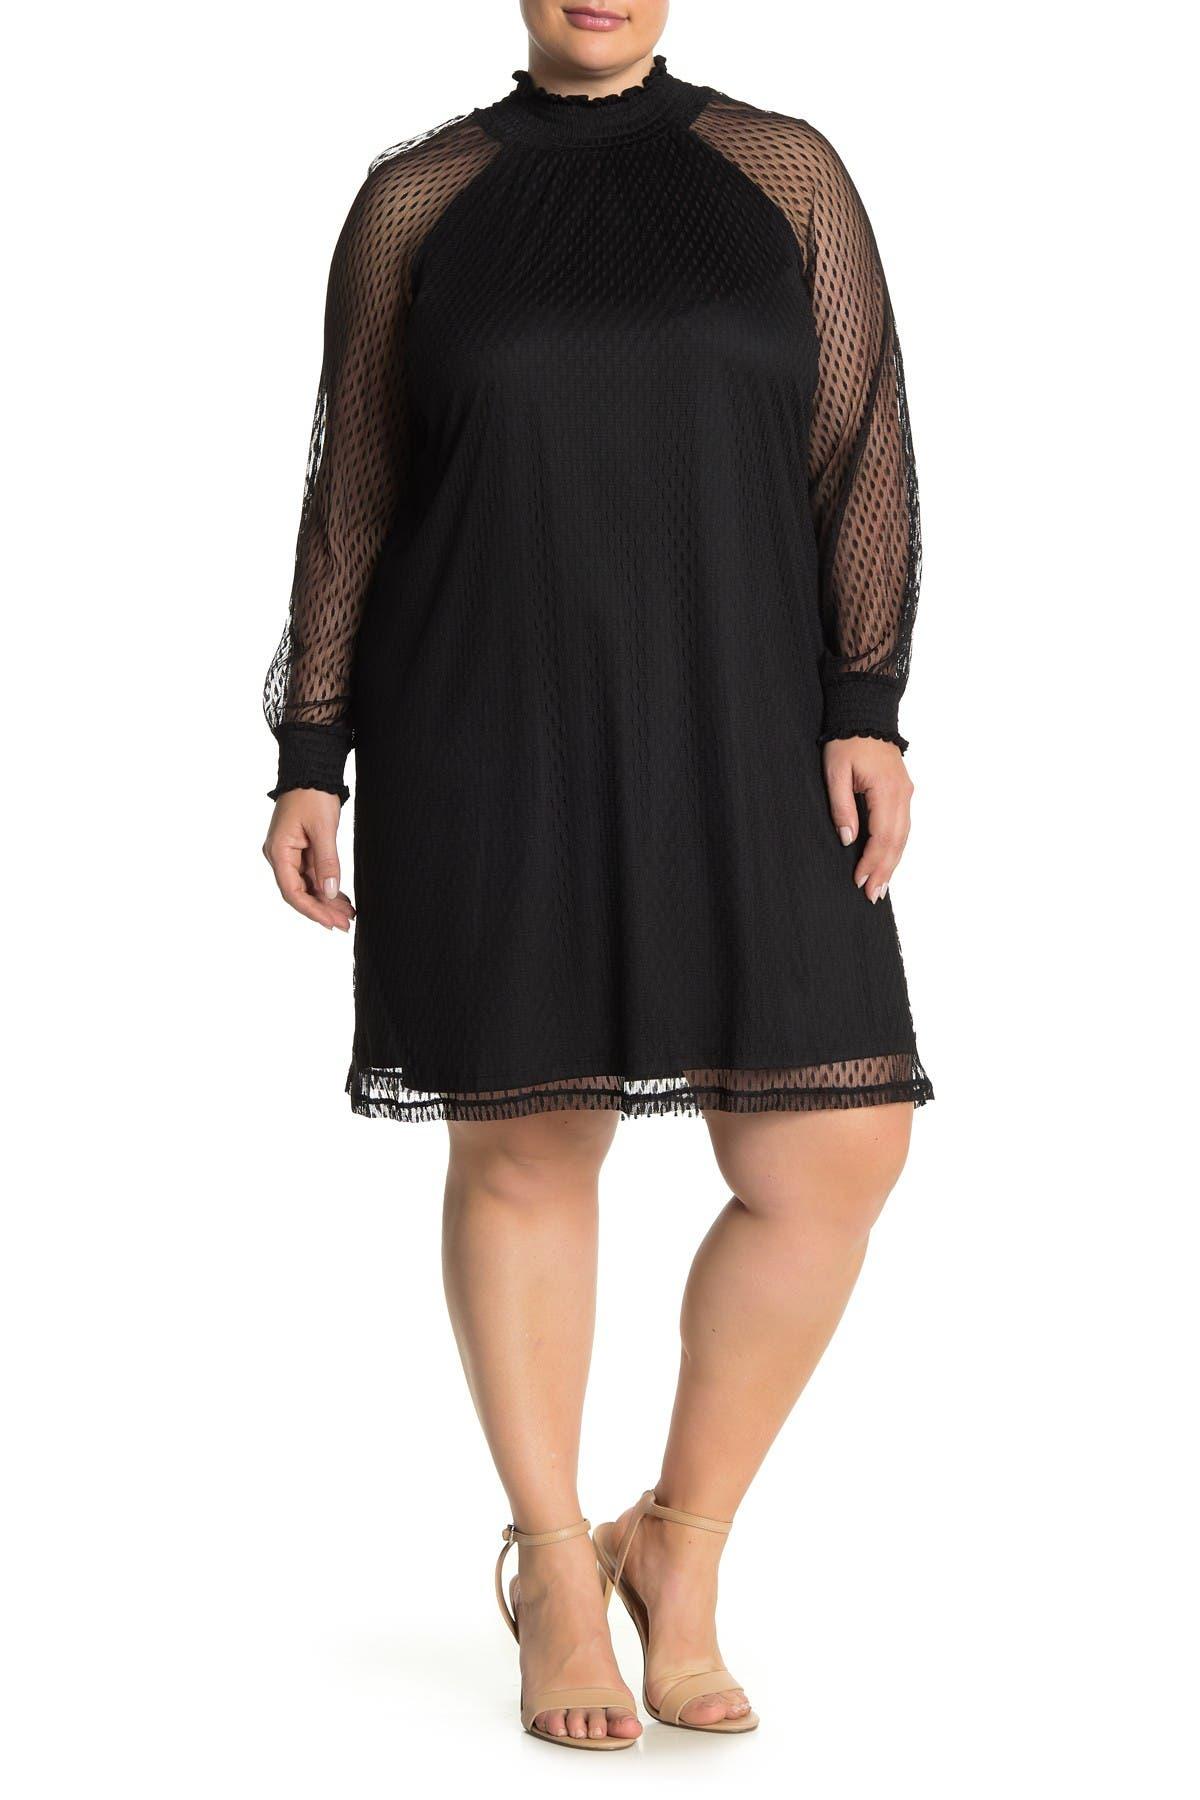 Image of Nina Leonard Shirred Mock Neck Lace Trapeze Dress